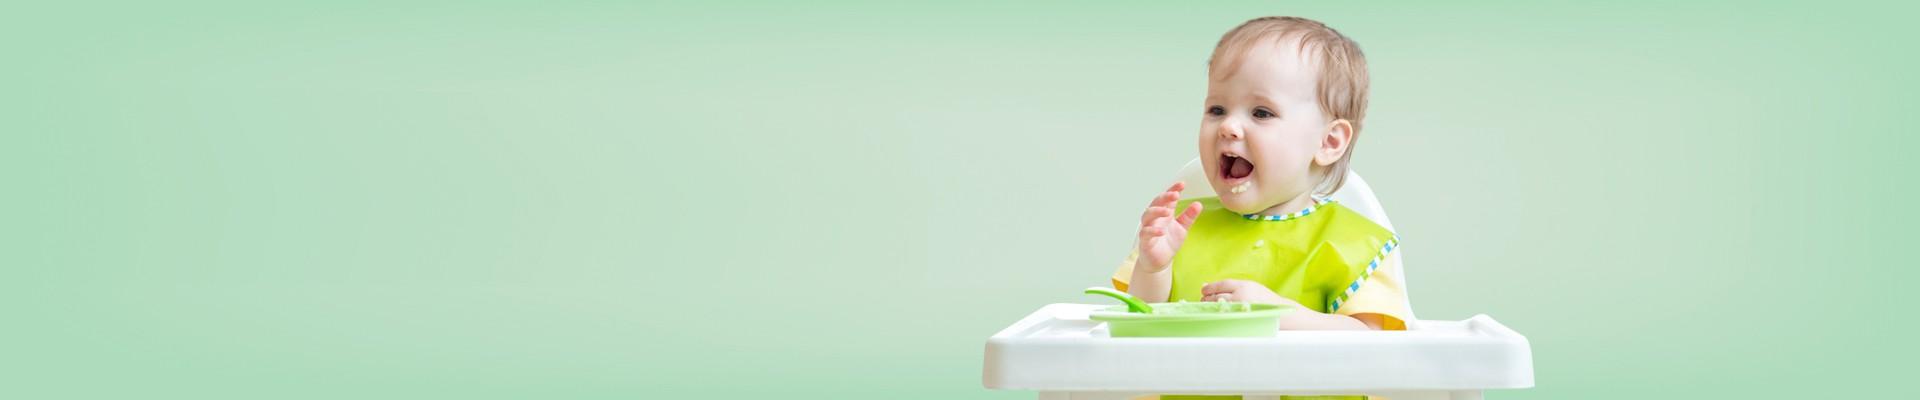 Jual Bubur Bayi Sehat & Organik Terbaik